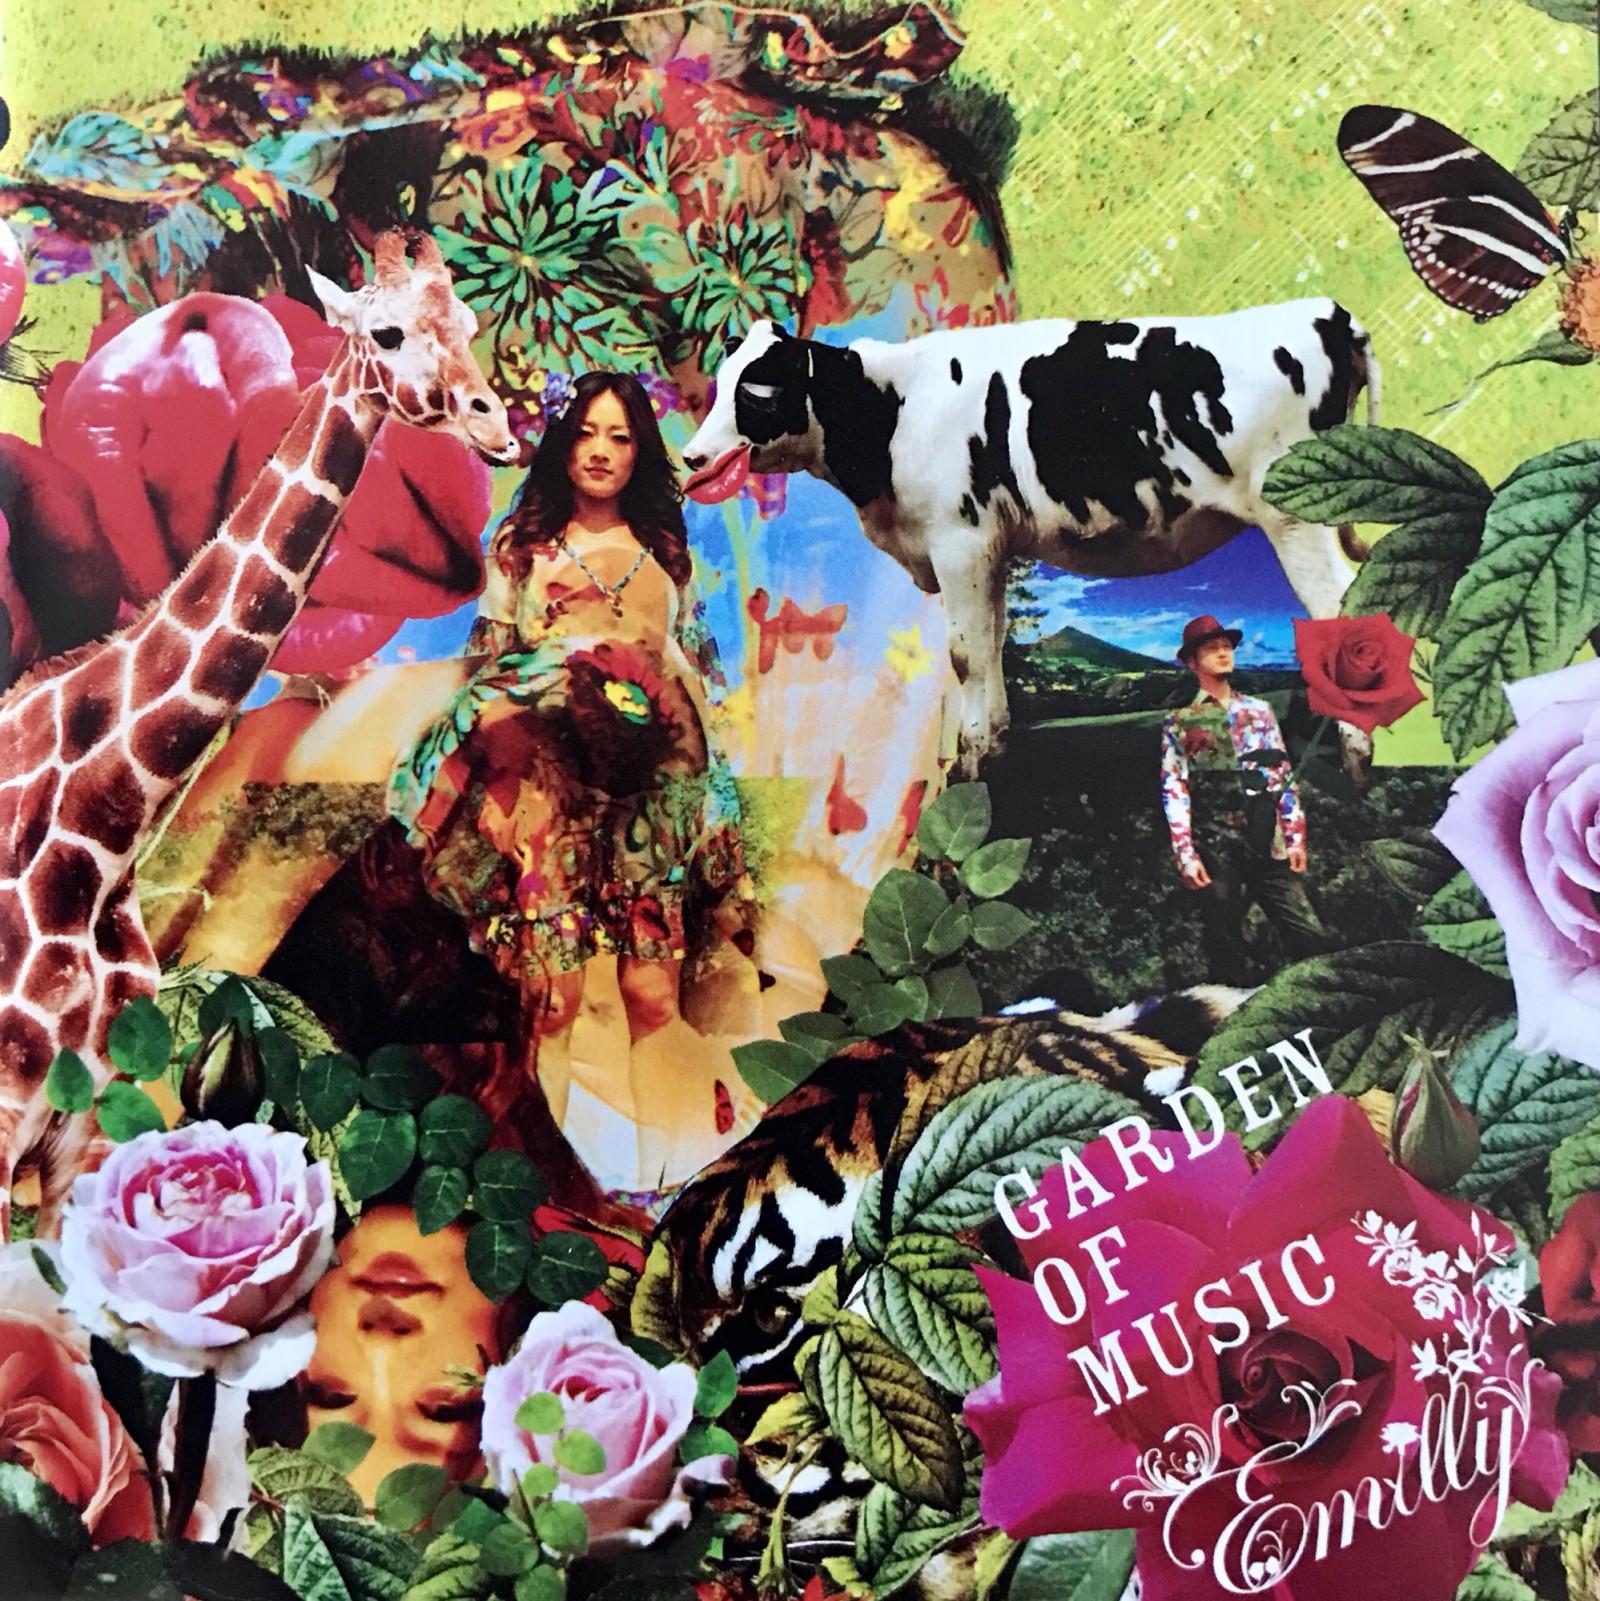 Emily Garden of Music